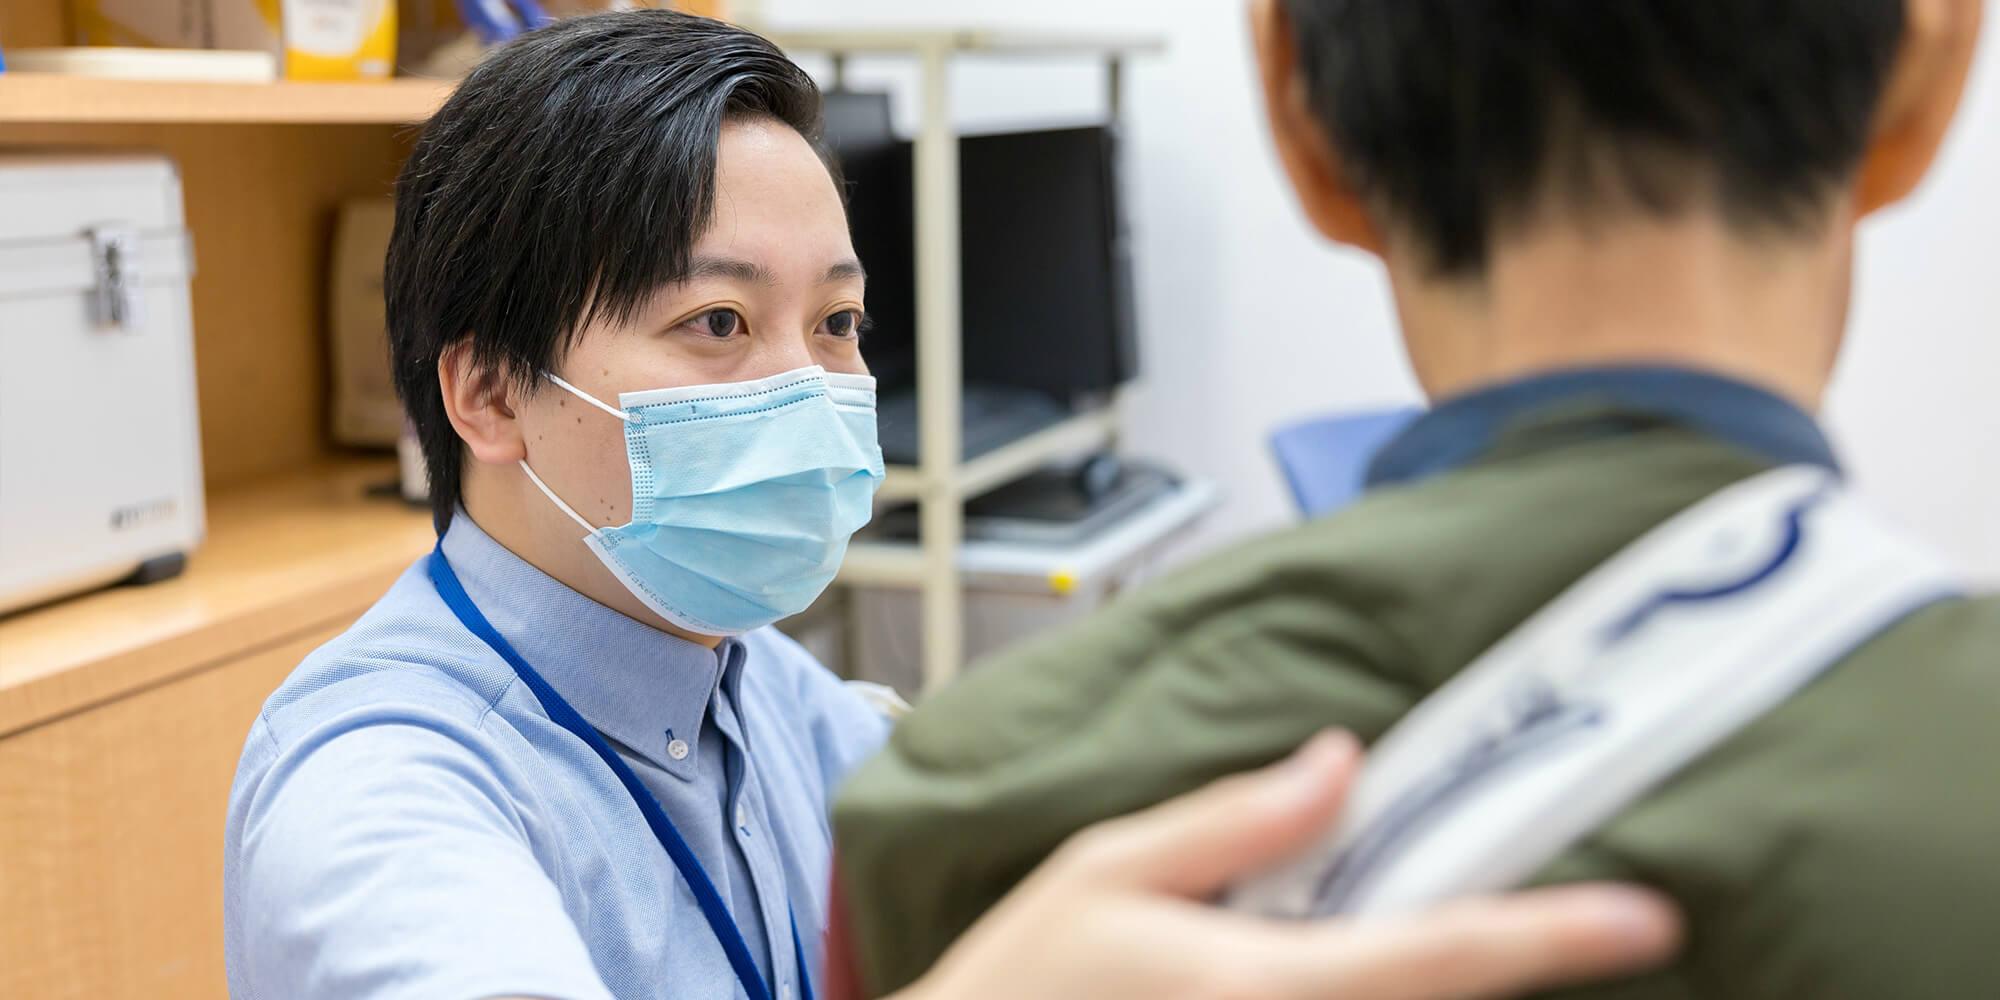 再び、住みなれた地域で自分らしく。わたくしたちは、回復的リハビリテーション医療と地域連携を通して患者さんの社会参加を支援します